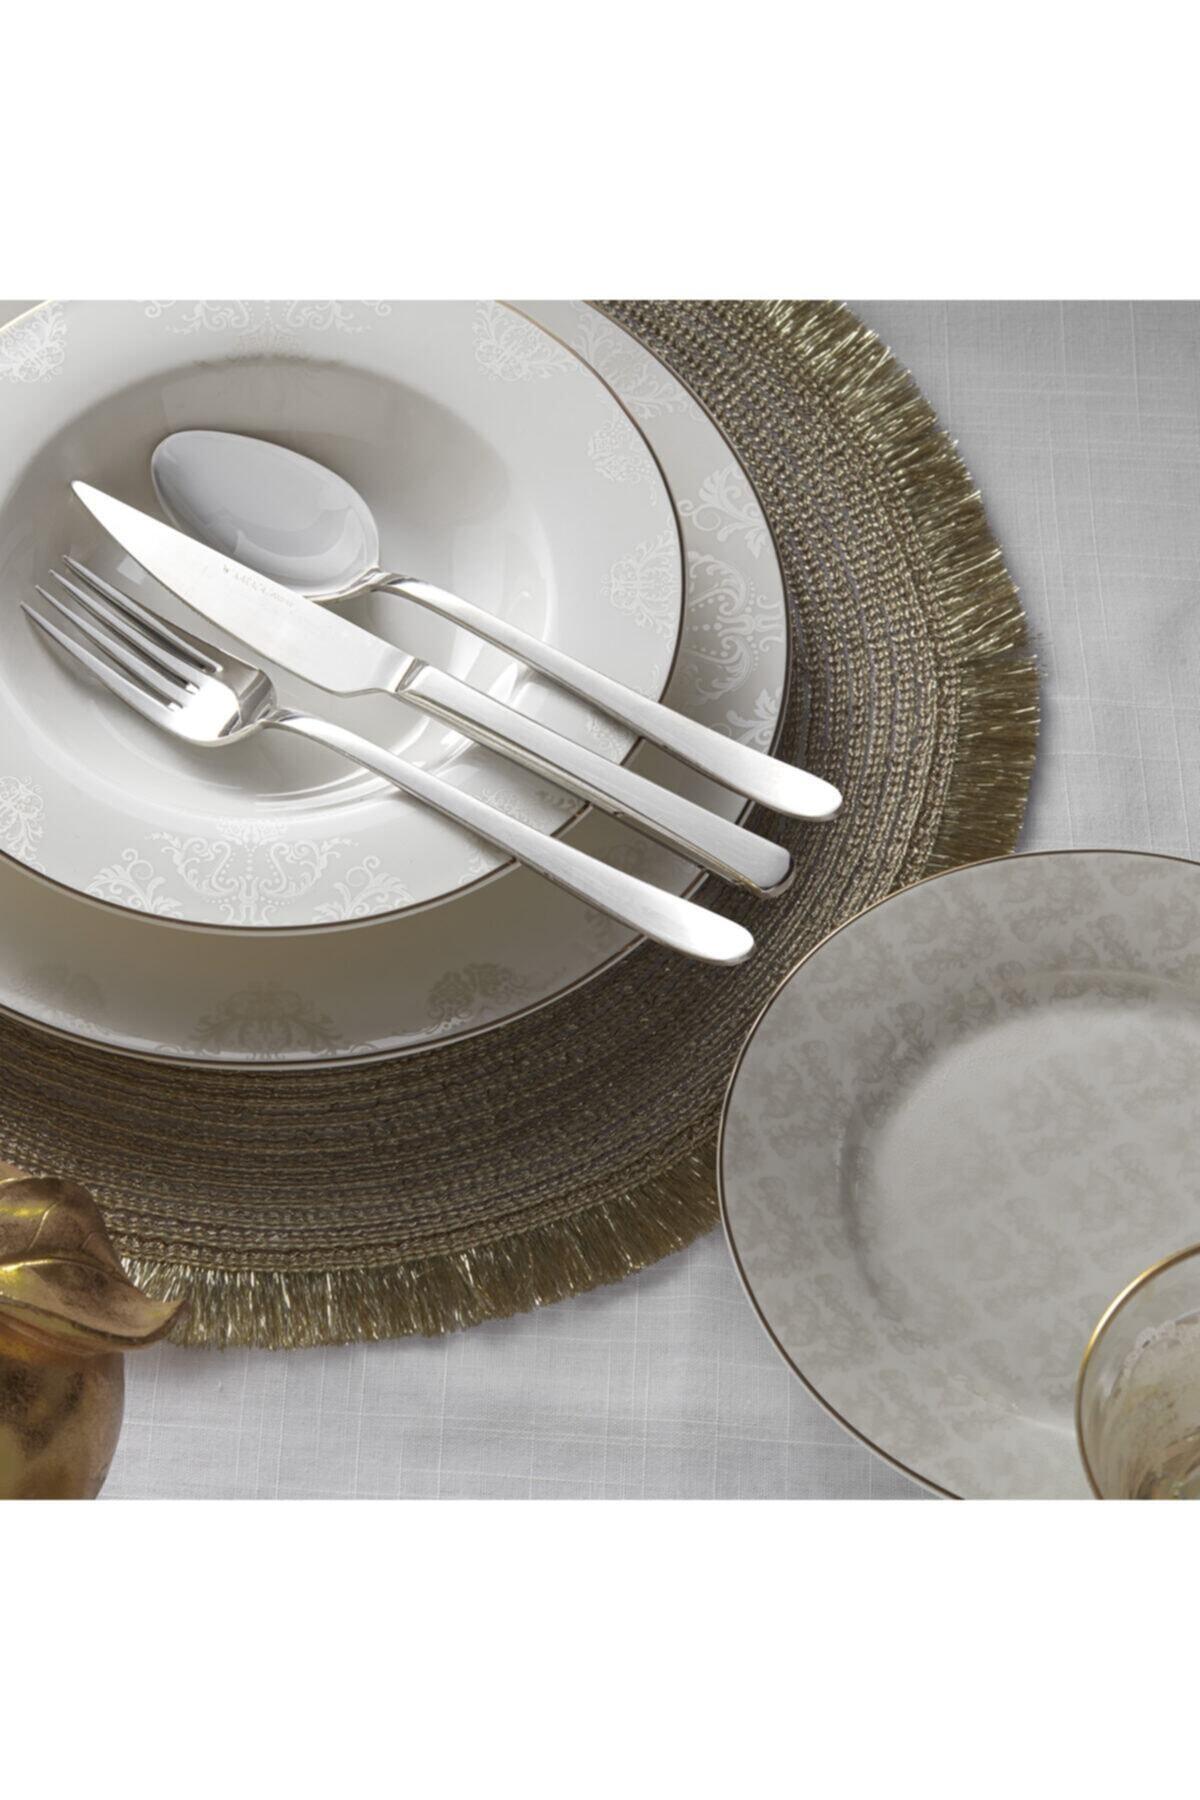 Karaca Siena 56 Parça 12 Kişilik Gold Yemek Takımı 2